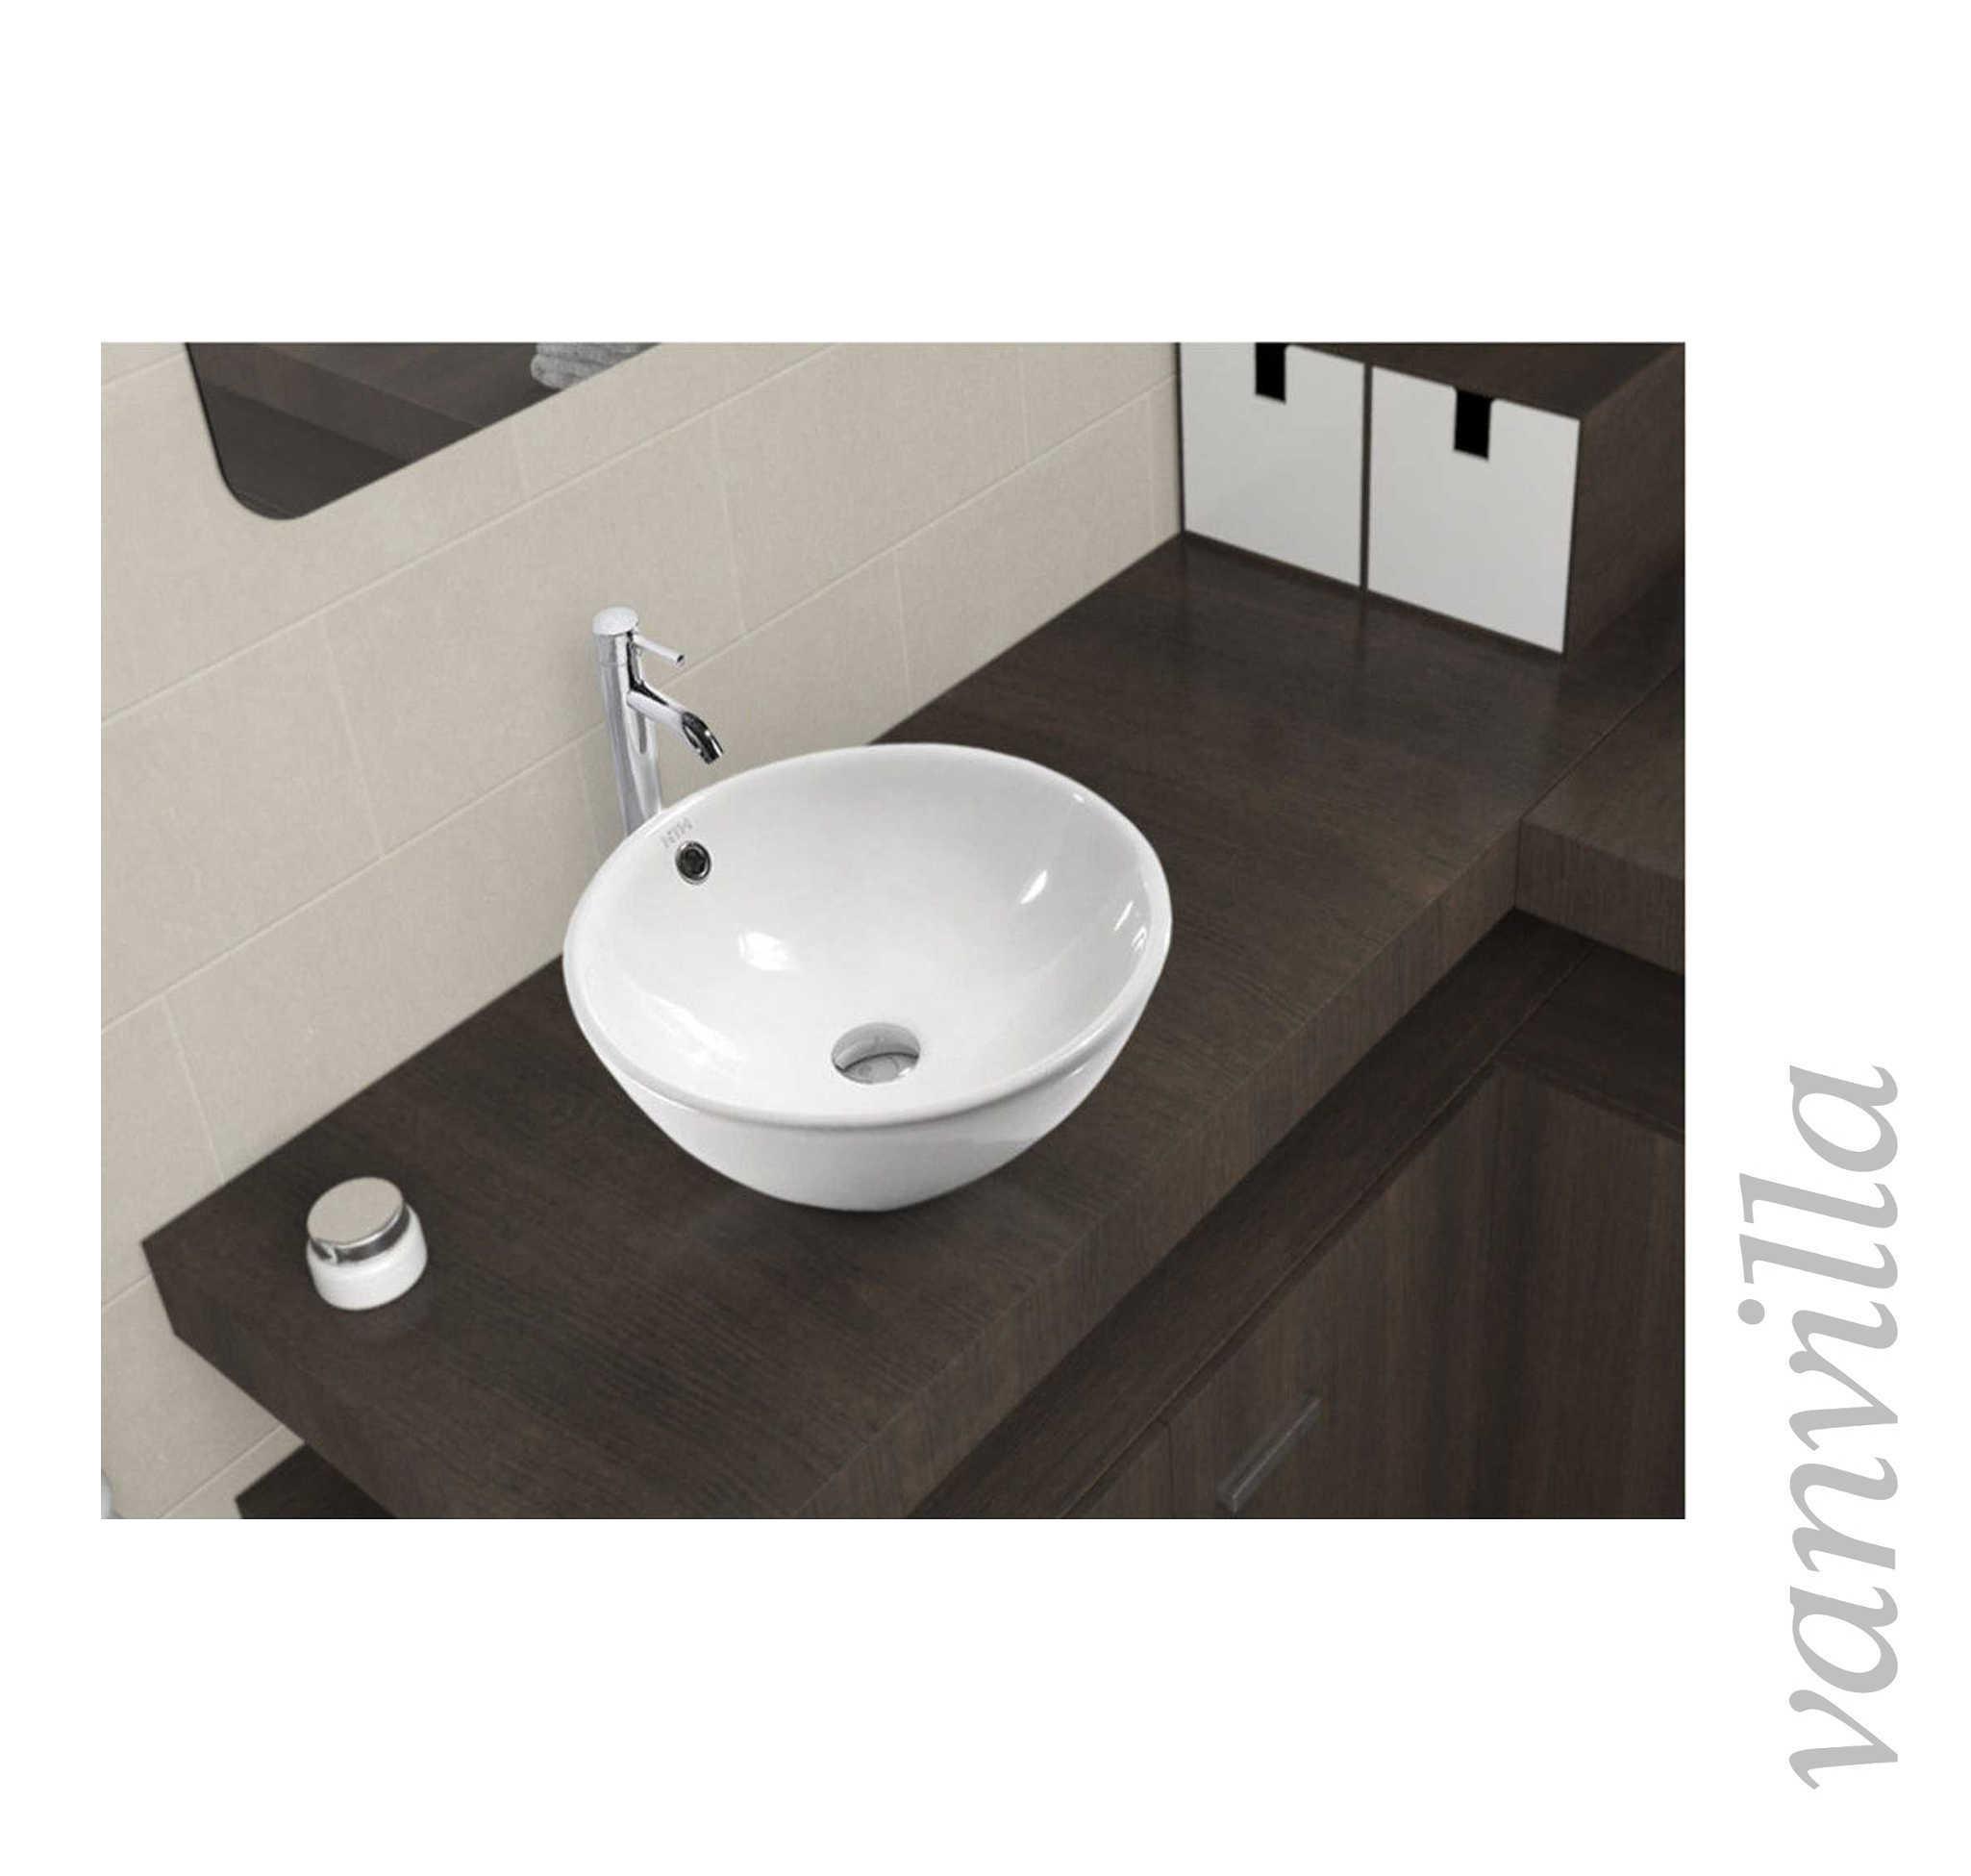 waschbeckenkeramikaufsatzbeckenrundaufsatzwaschbecken. Black Bedroom Furniture Sets. Home Design Ideas